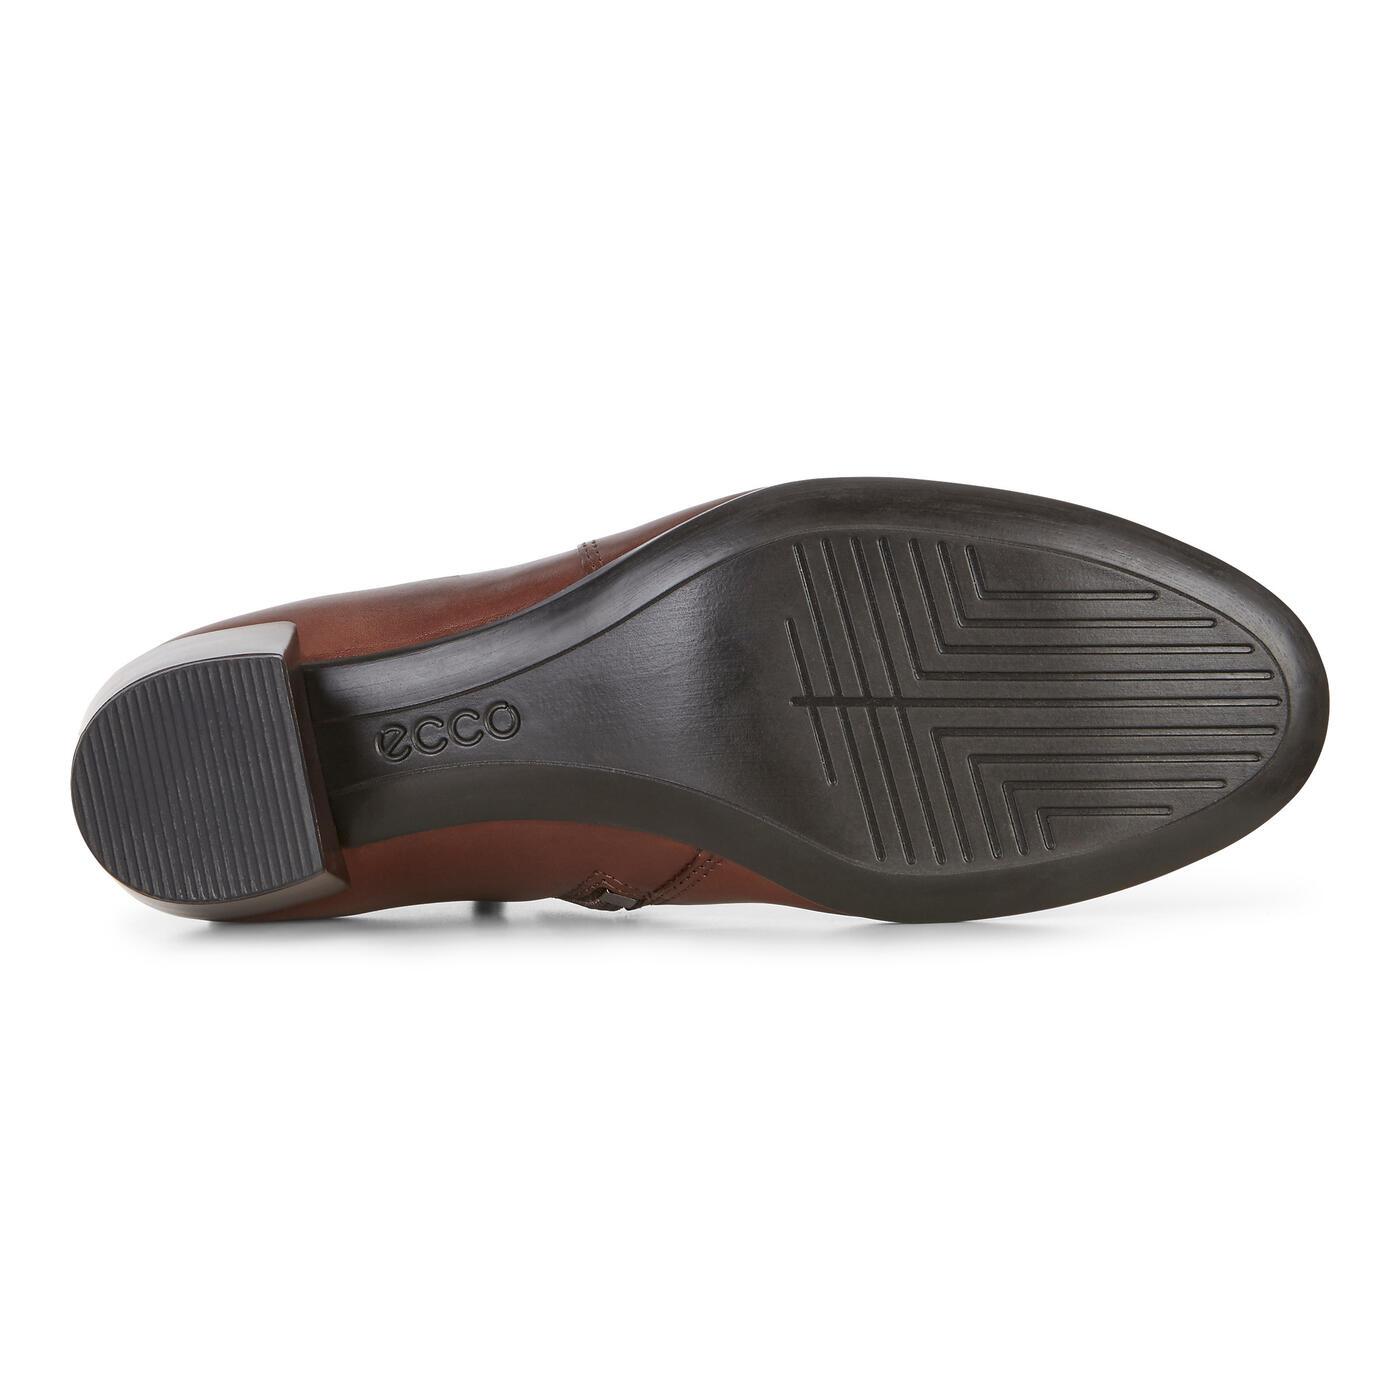 ECCO Shape 35 Mid Cut Boot